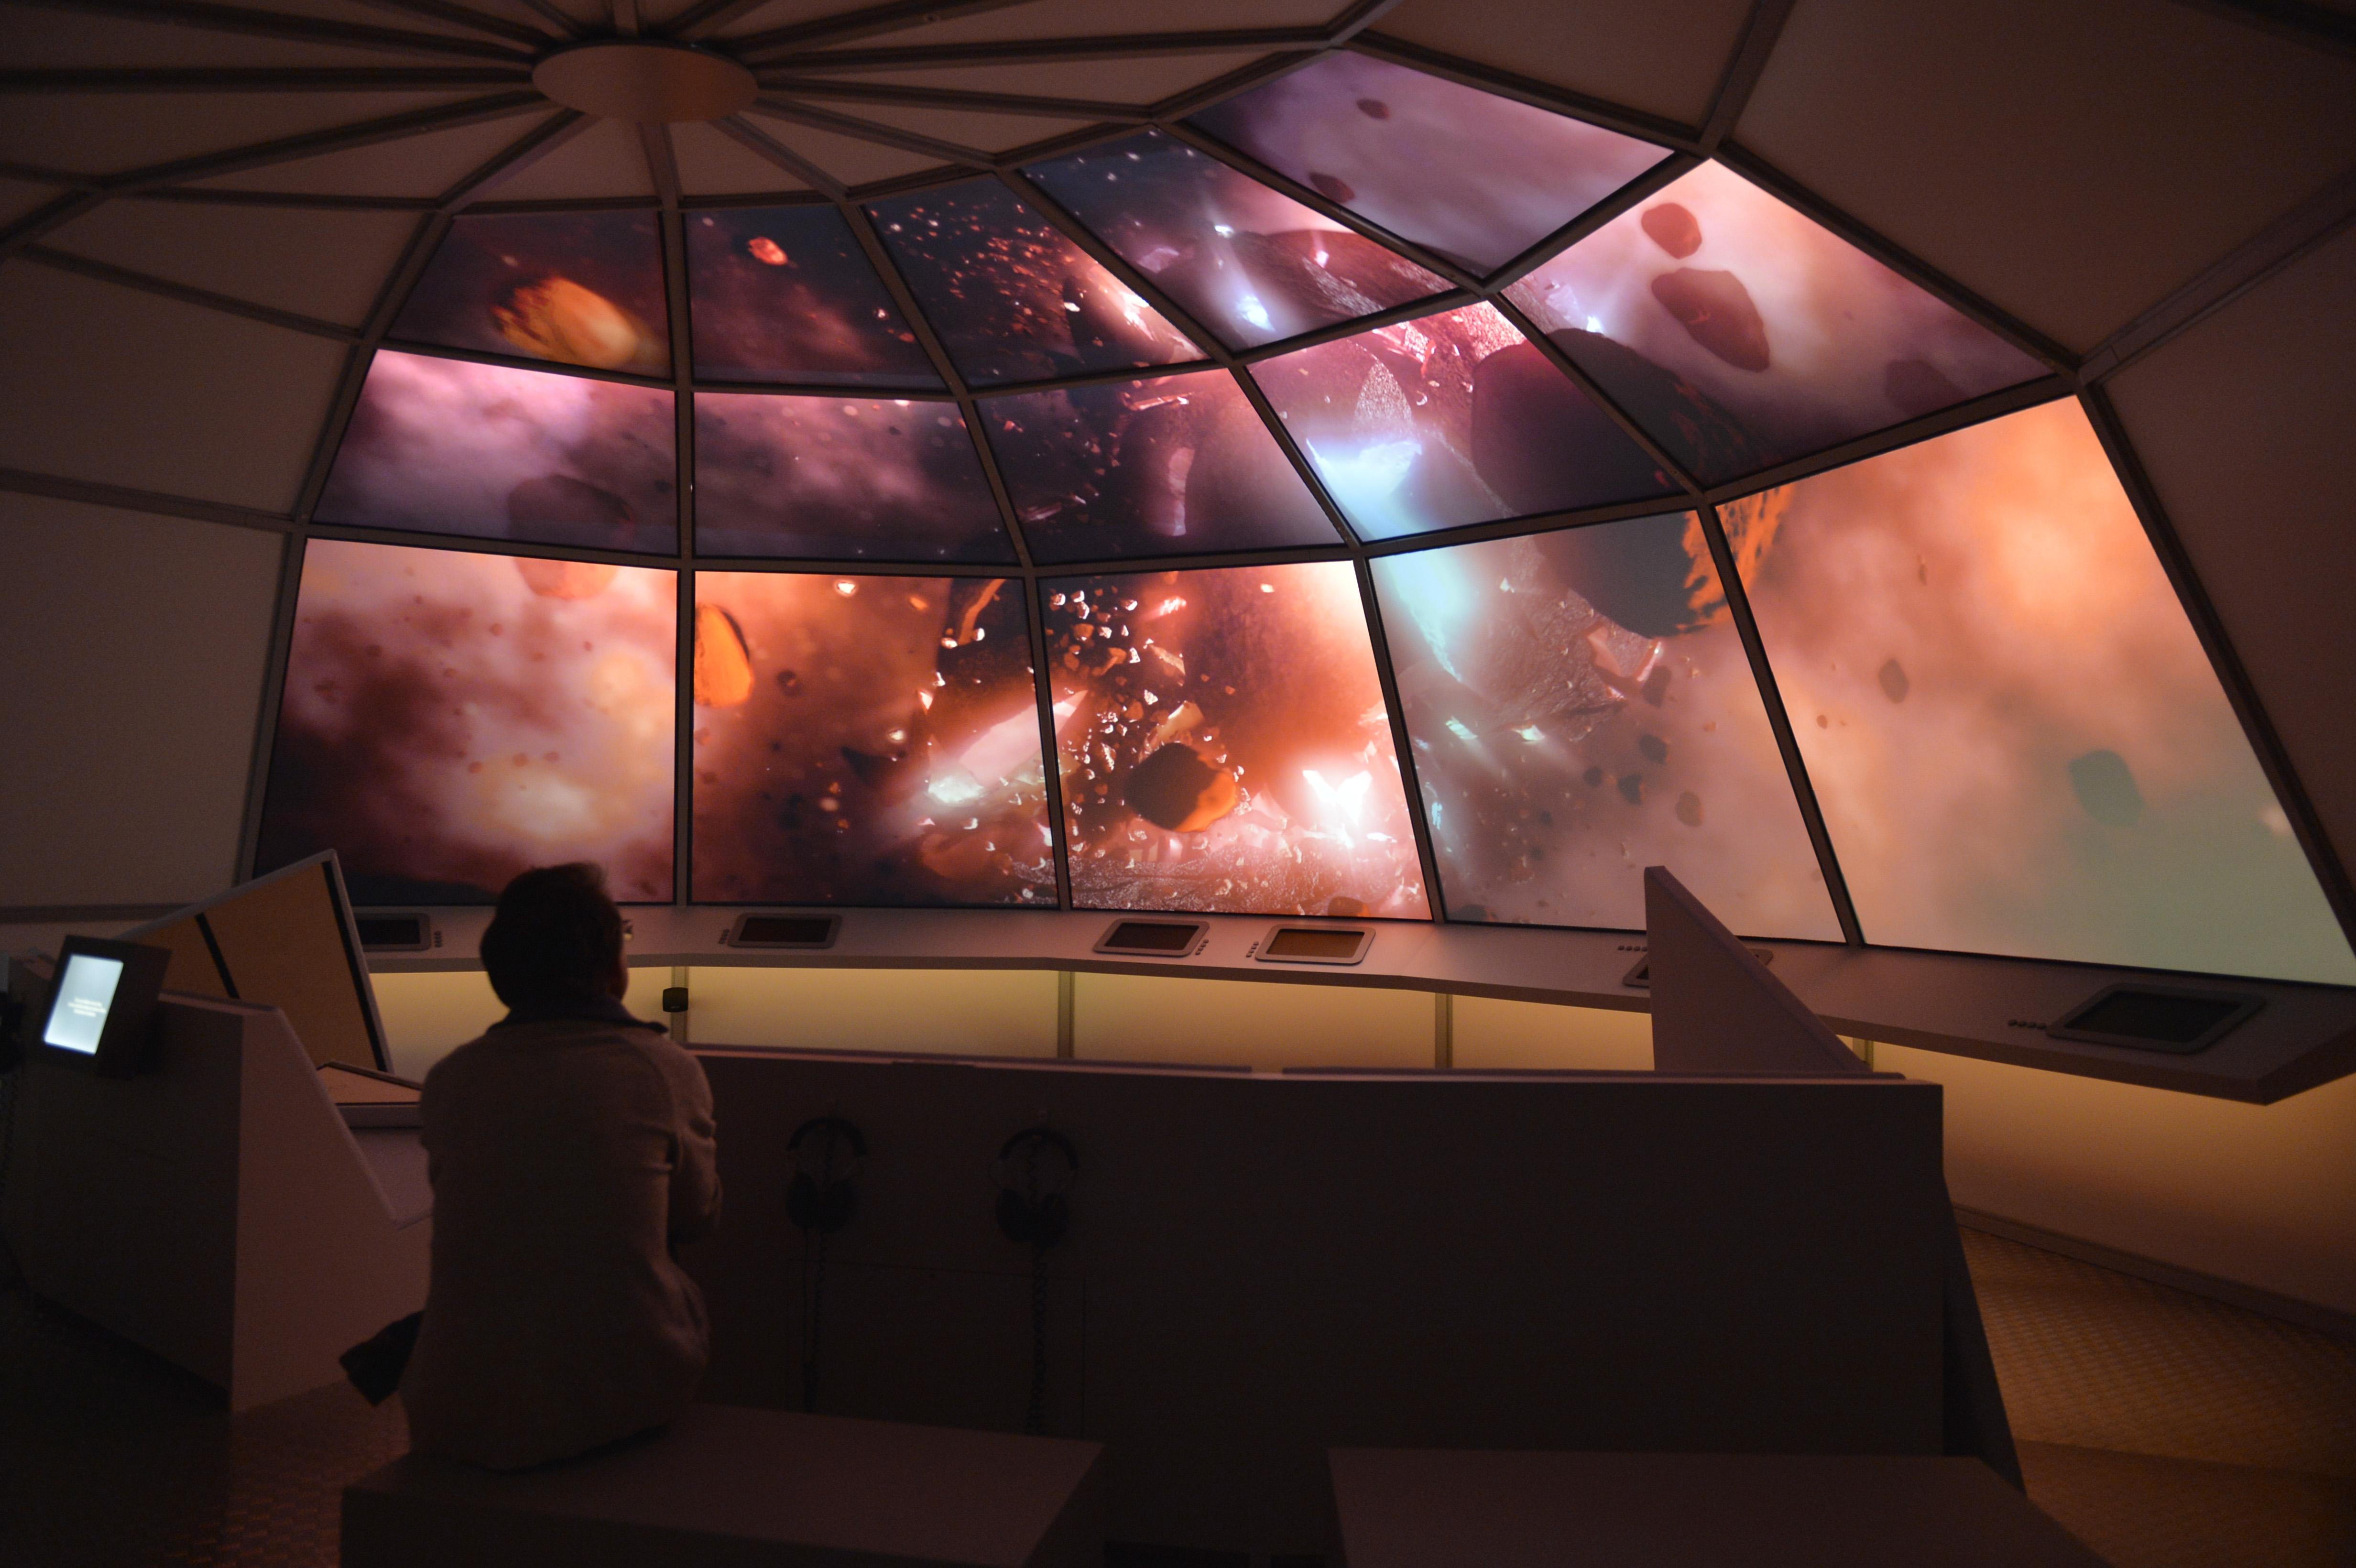 exposition-meteorites_museum-partie2-1a_0.jpg